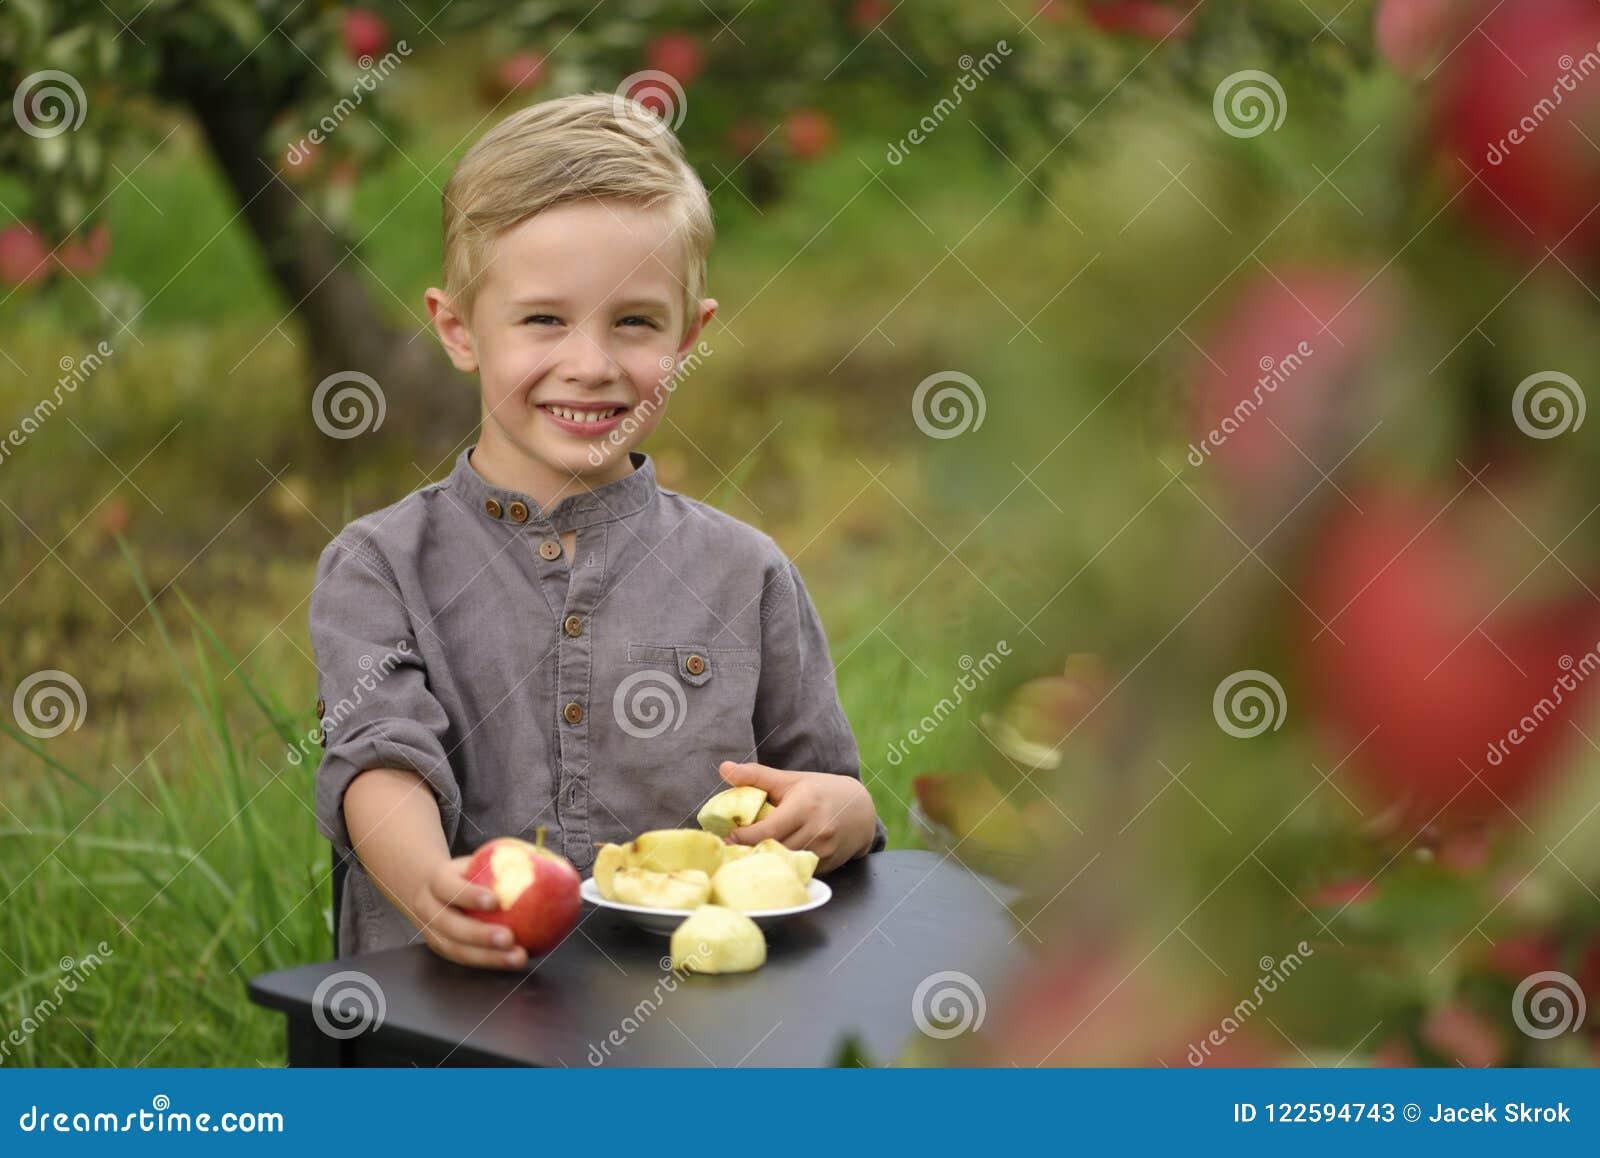 Un ragazzo sveglio e sorridente sta selezionando le mele in un meleto e sta tenendo una mela